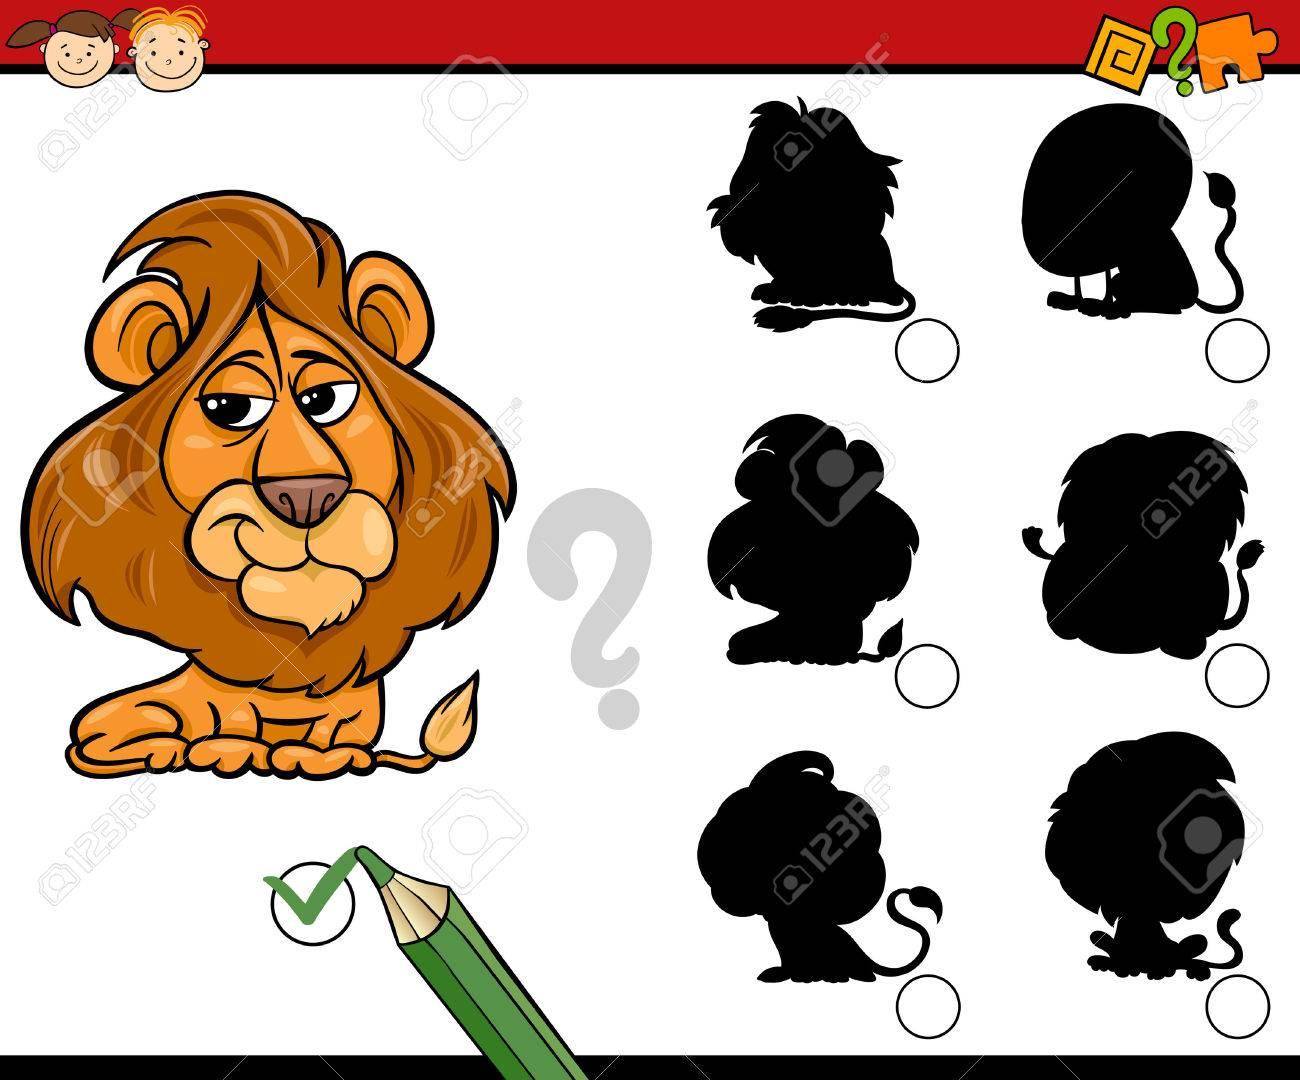 ライオンの動物キャラクターの幼稚園児のタスクに一致する教育影の漫画